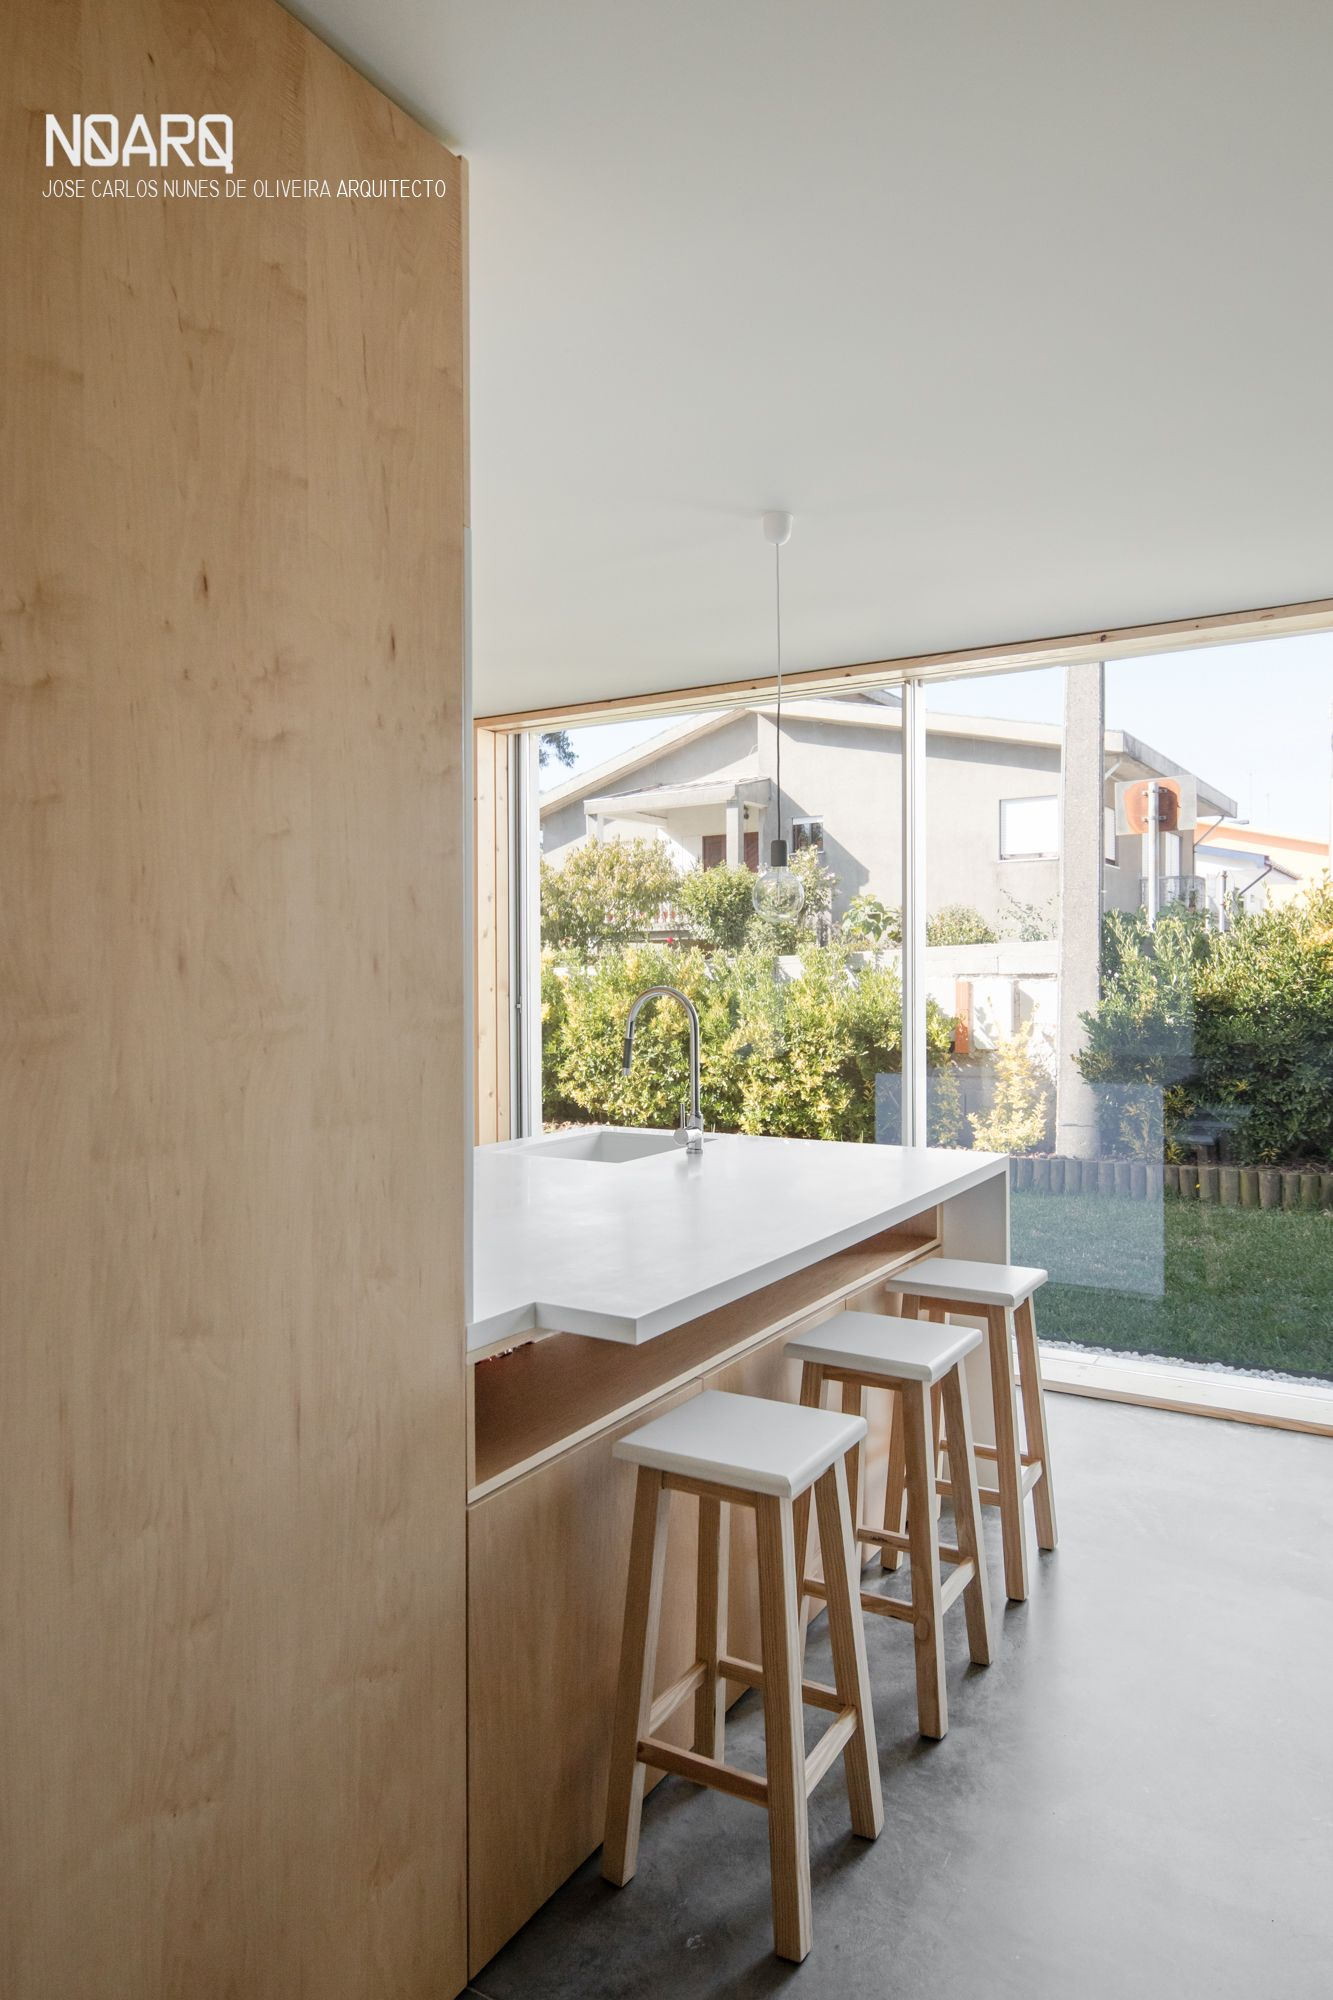 House wooden window design  mami house u kitchen view  noarq house interior kitchen